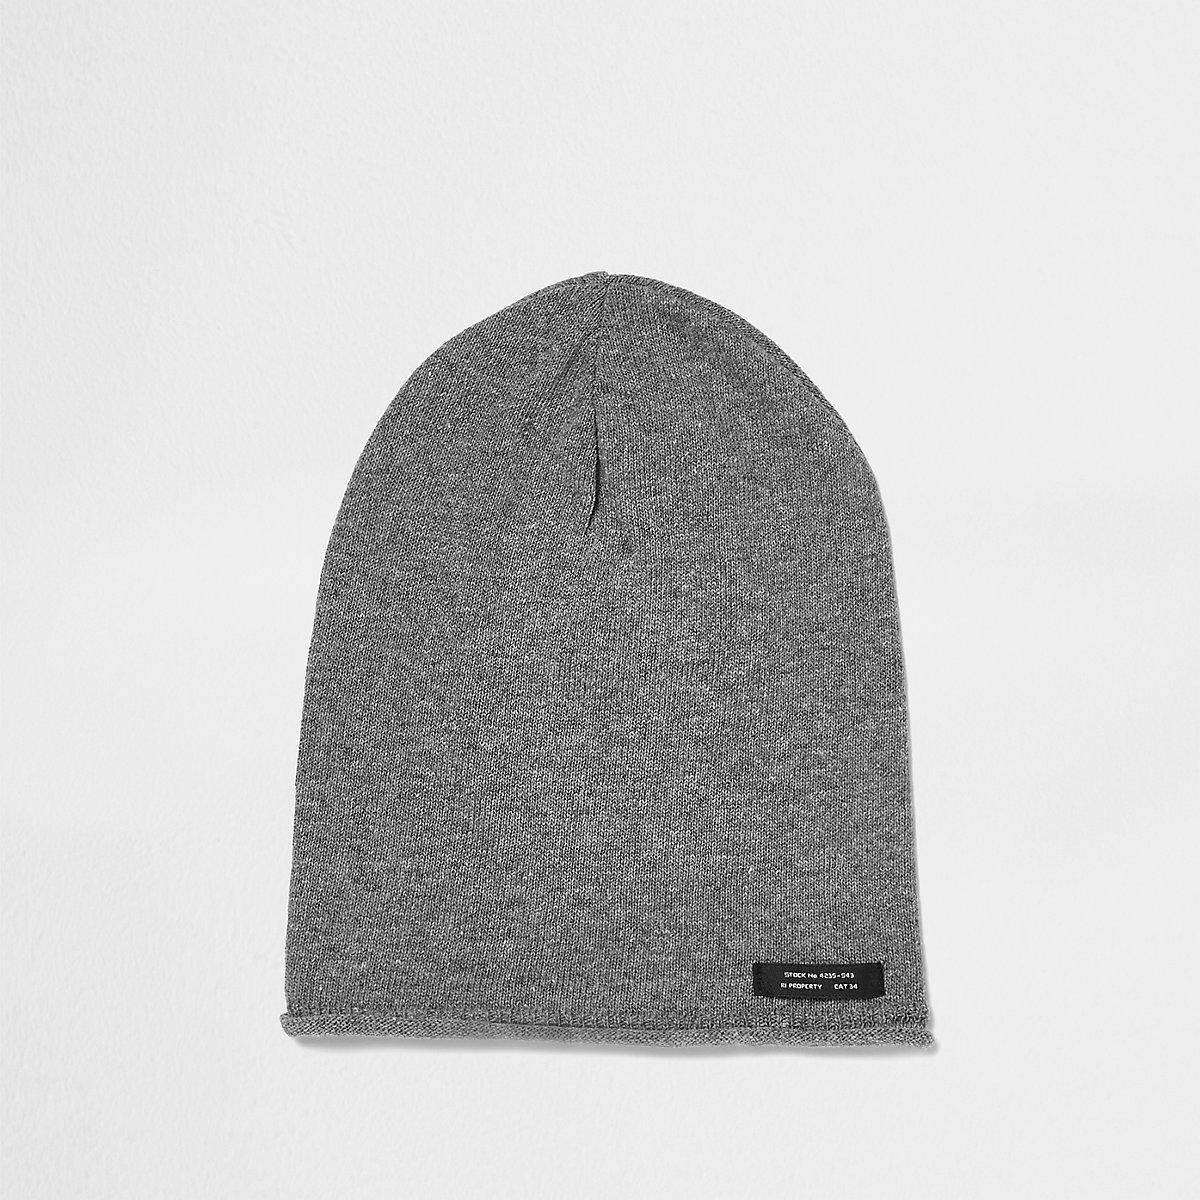 Bonnet souple gris délavé pour garçon - Accessoires - Promos - Garçon de9278a3c27